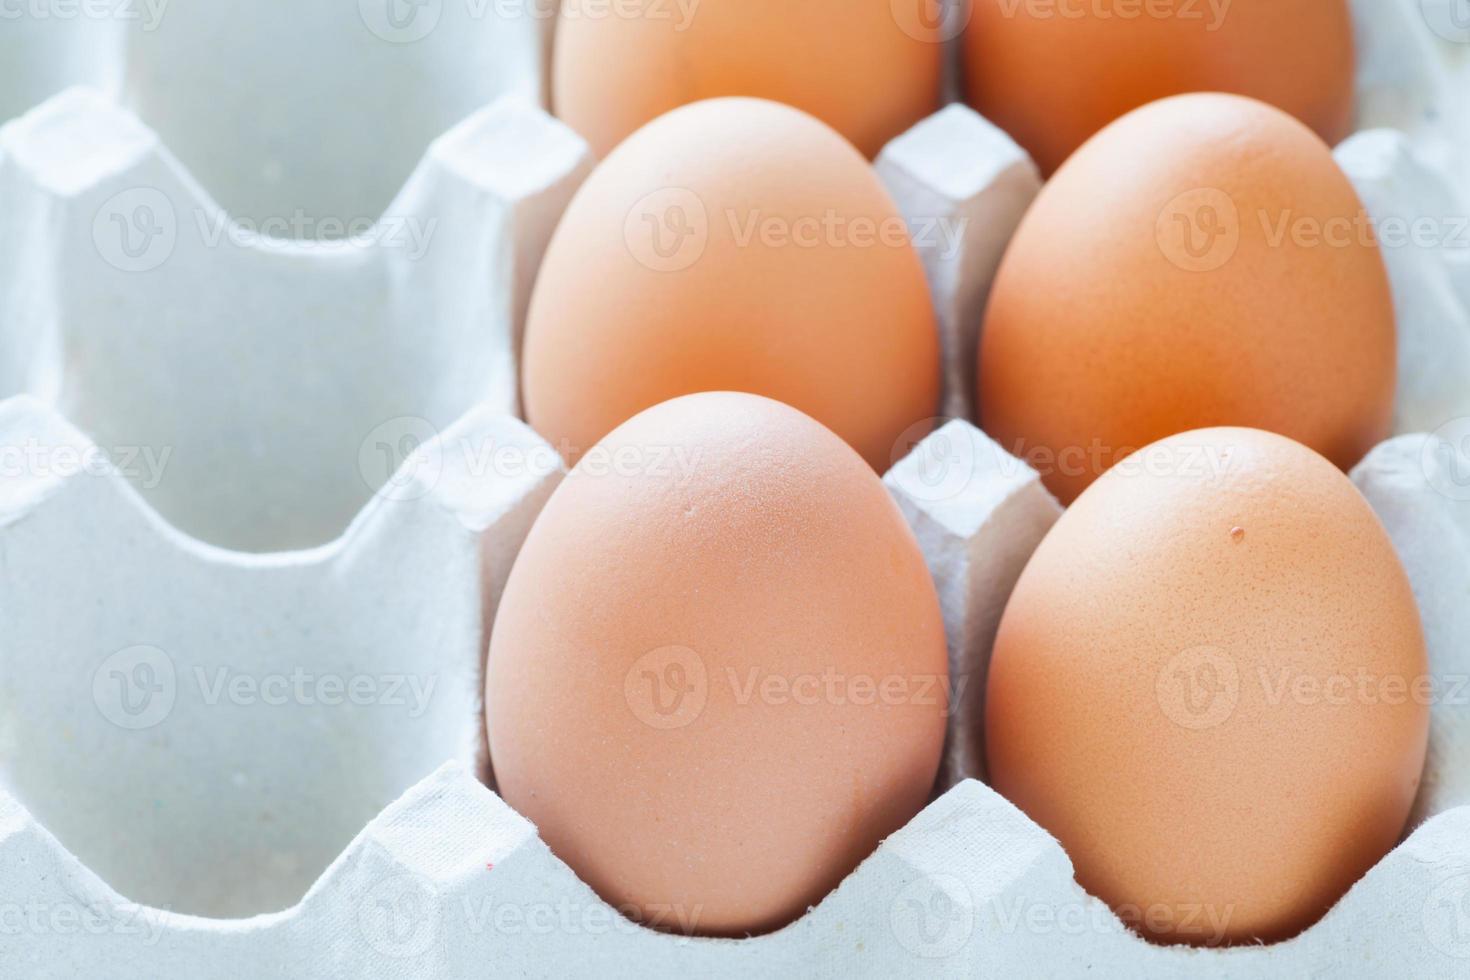 uovo di gallina marrone foto